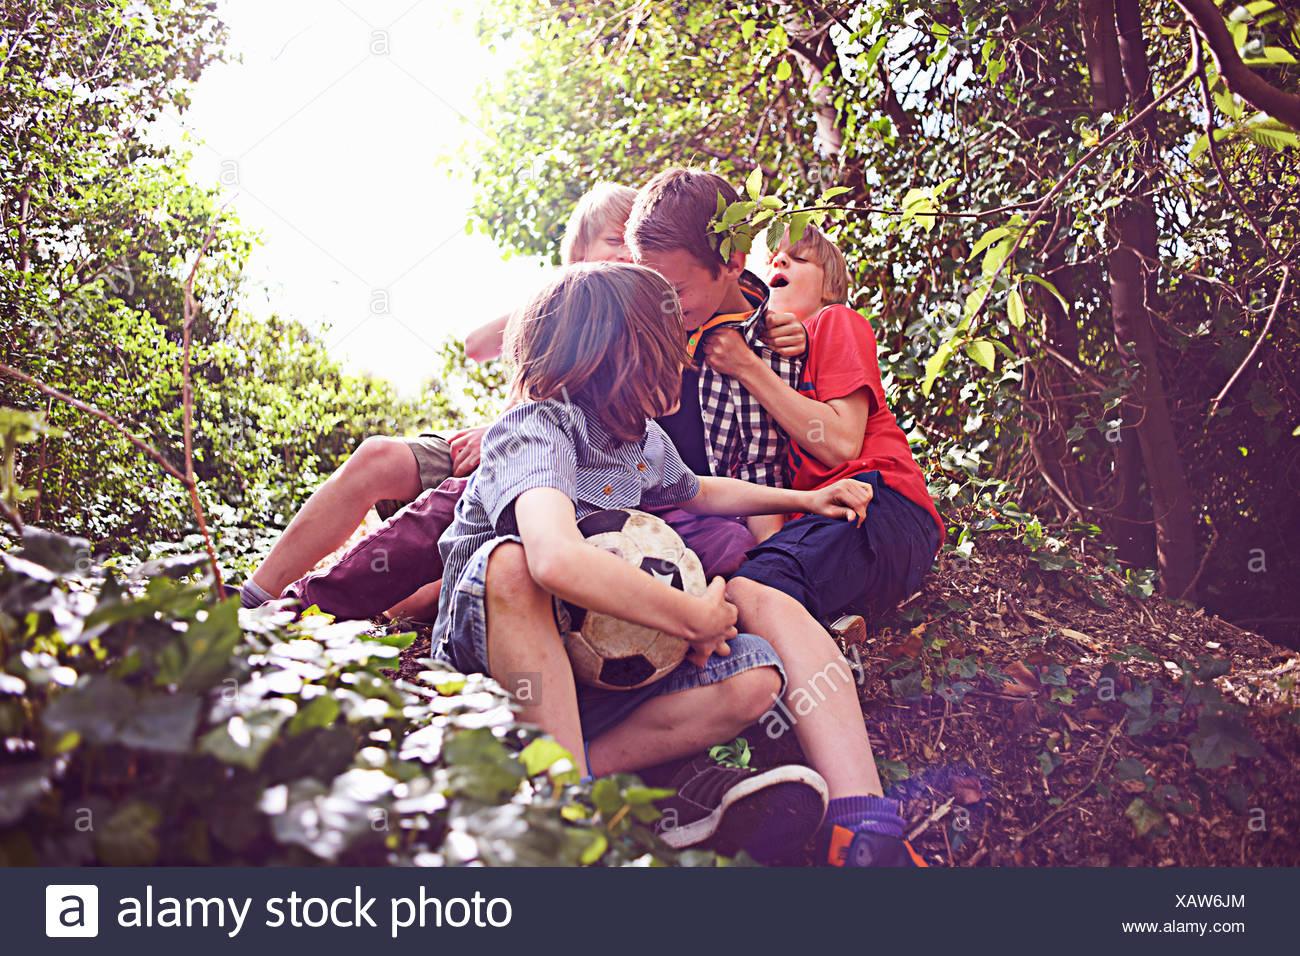 Les garçons jouant dans la forêt Photo Stock